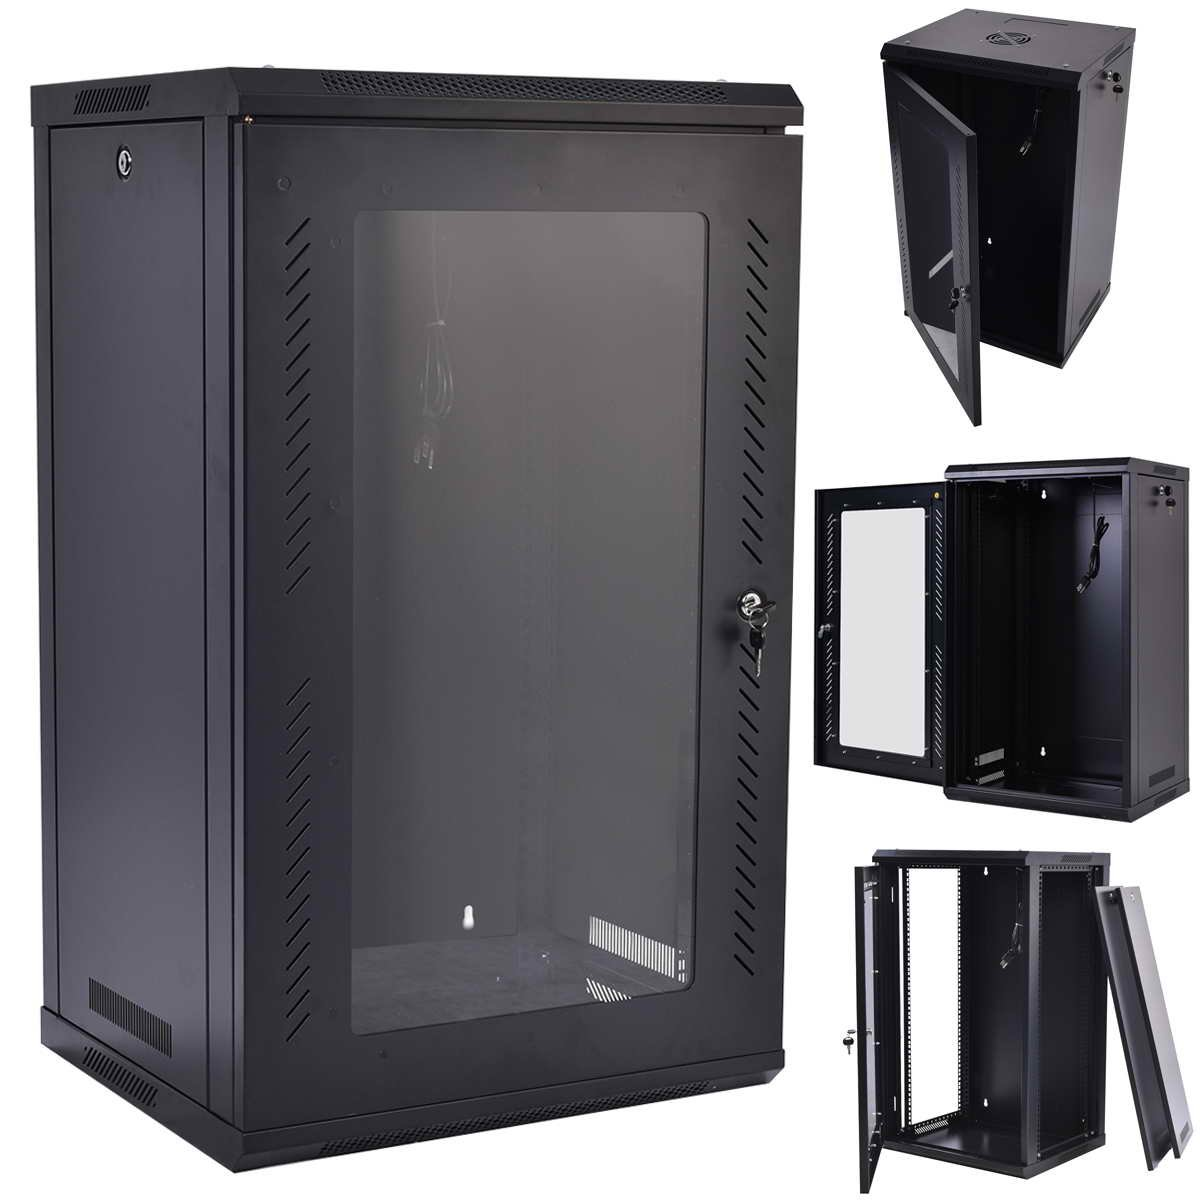 Safstar Cabinet Enclosure Data Tempered Image 3